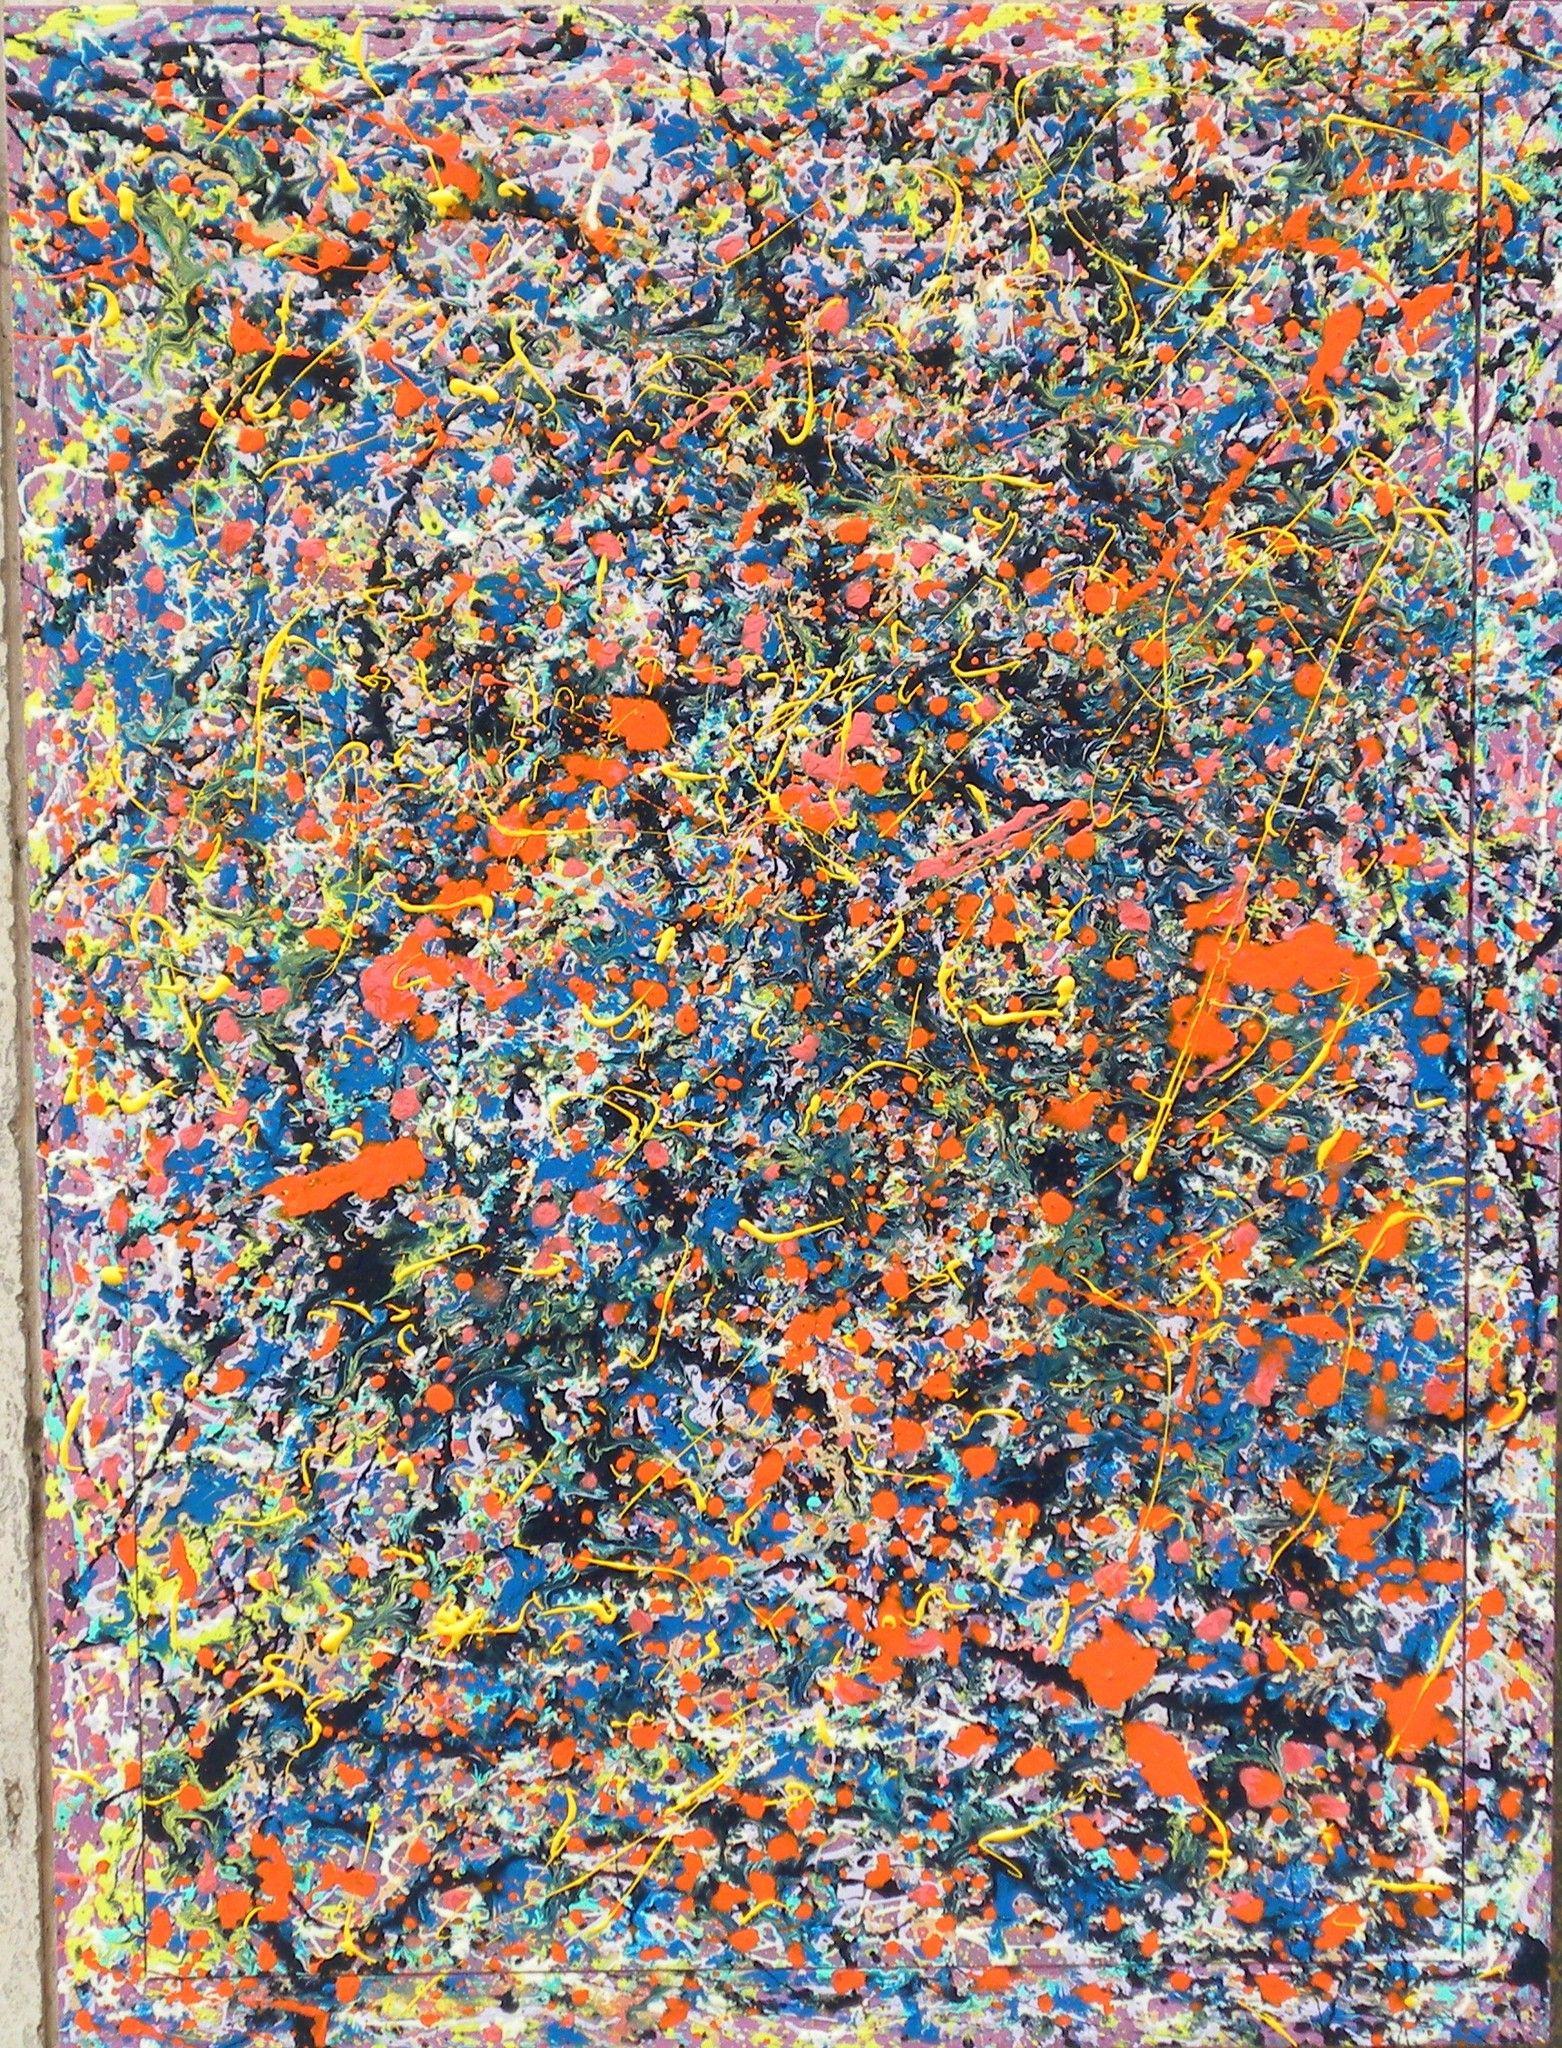 MIXED MEDIA  NICOLA MOREA ' GRAFFITI '  dimensioni L 54 x H 74 cm.